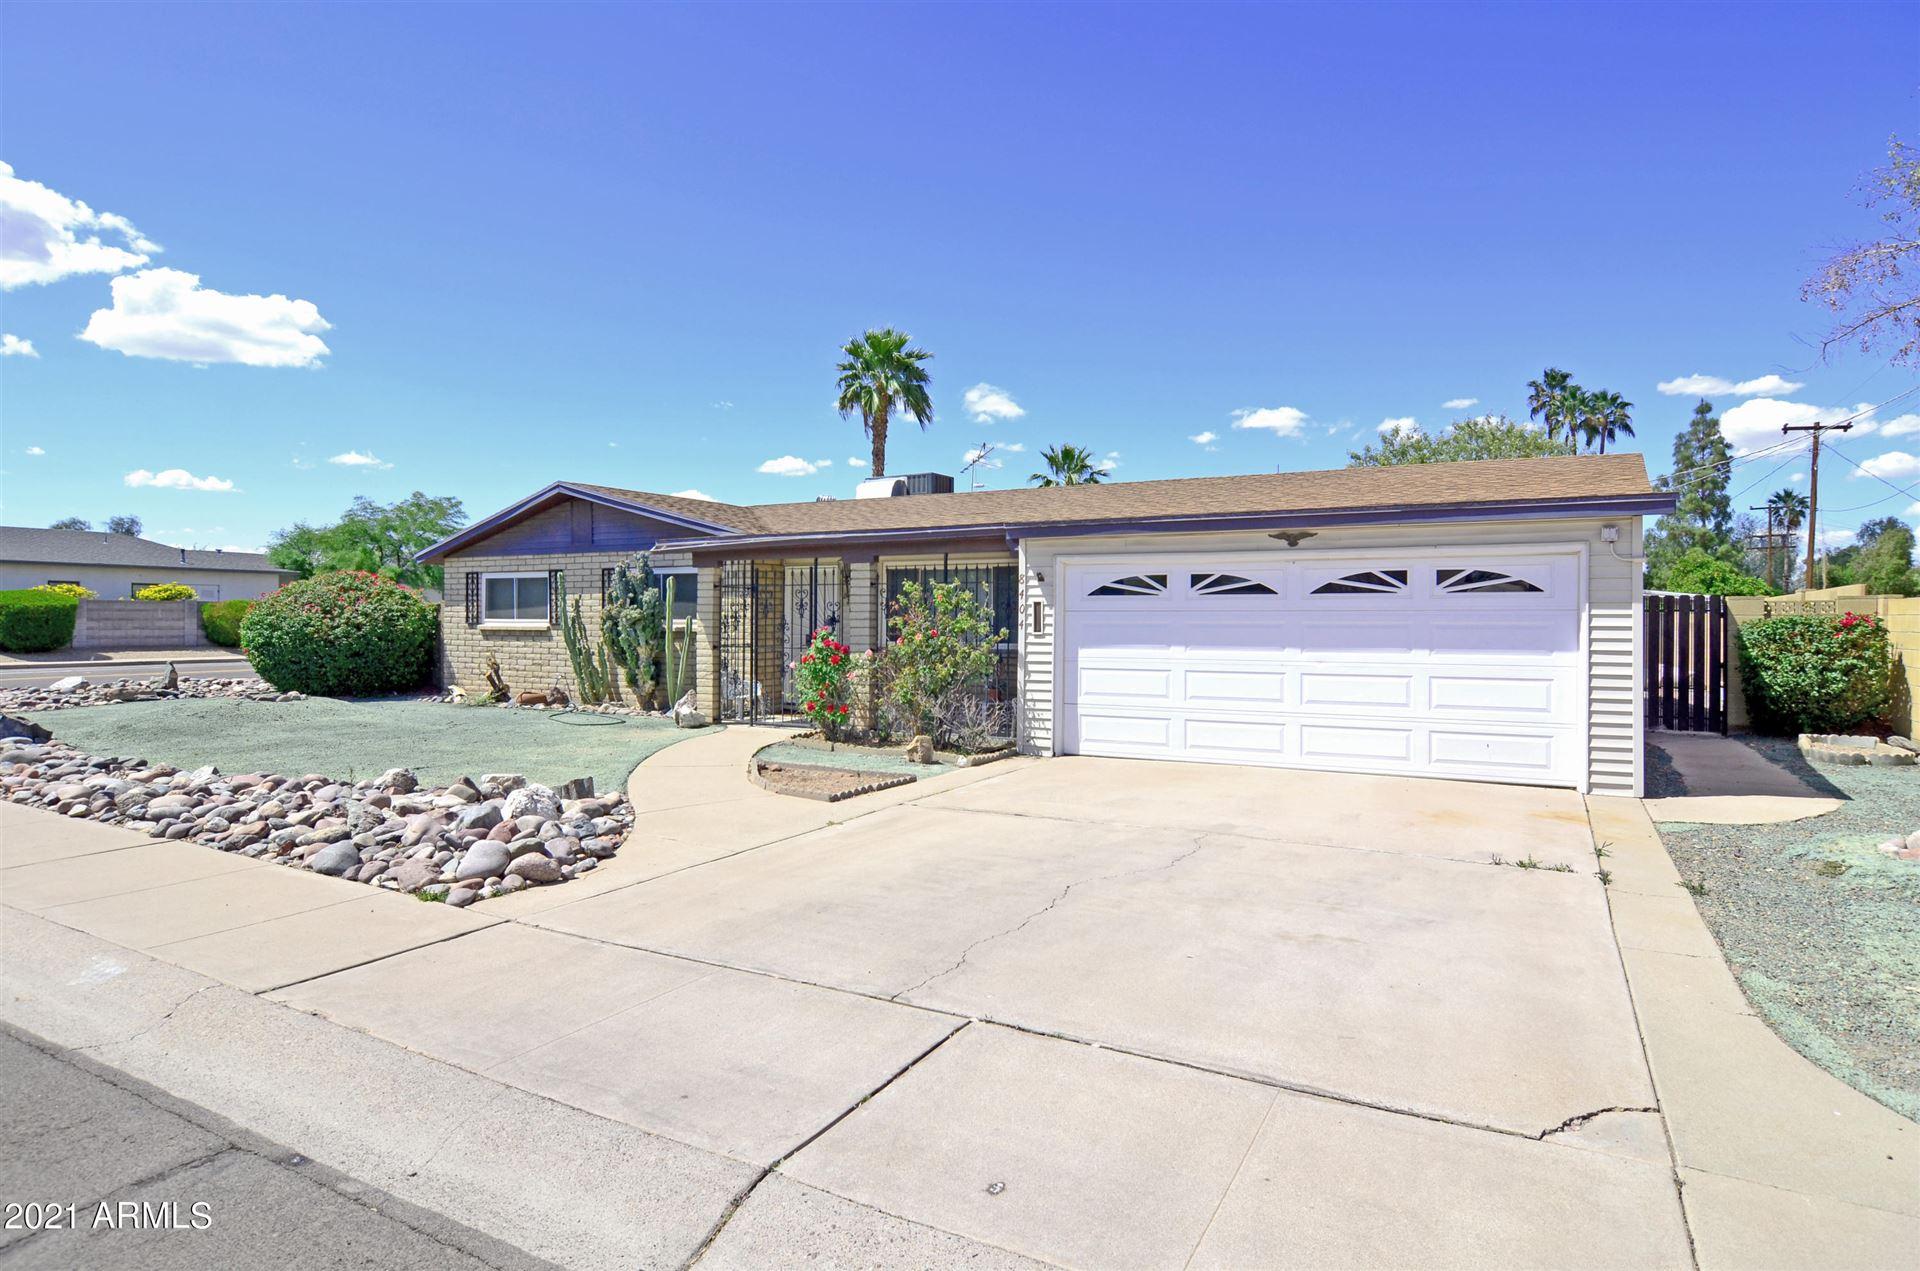 Photo of 8404 E THOMAS Road, Scottsdale, AZ 85251 (MLS # 6227693)